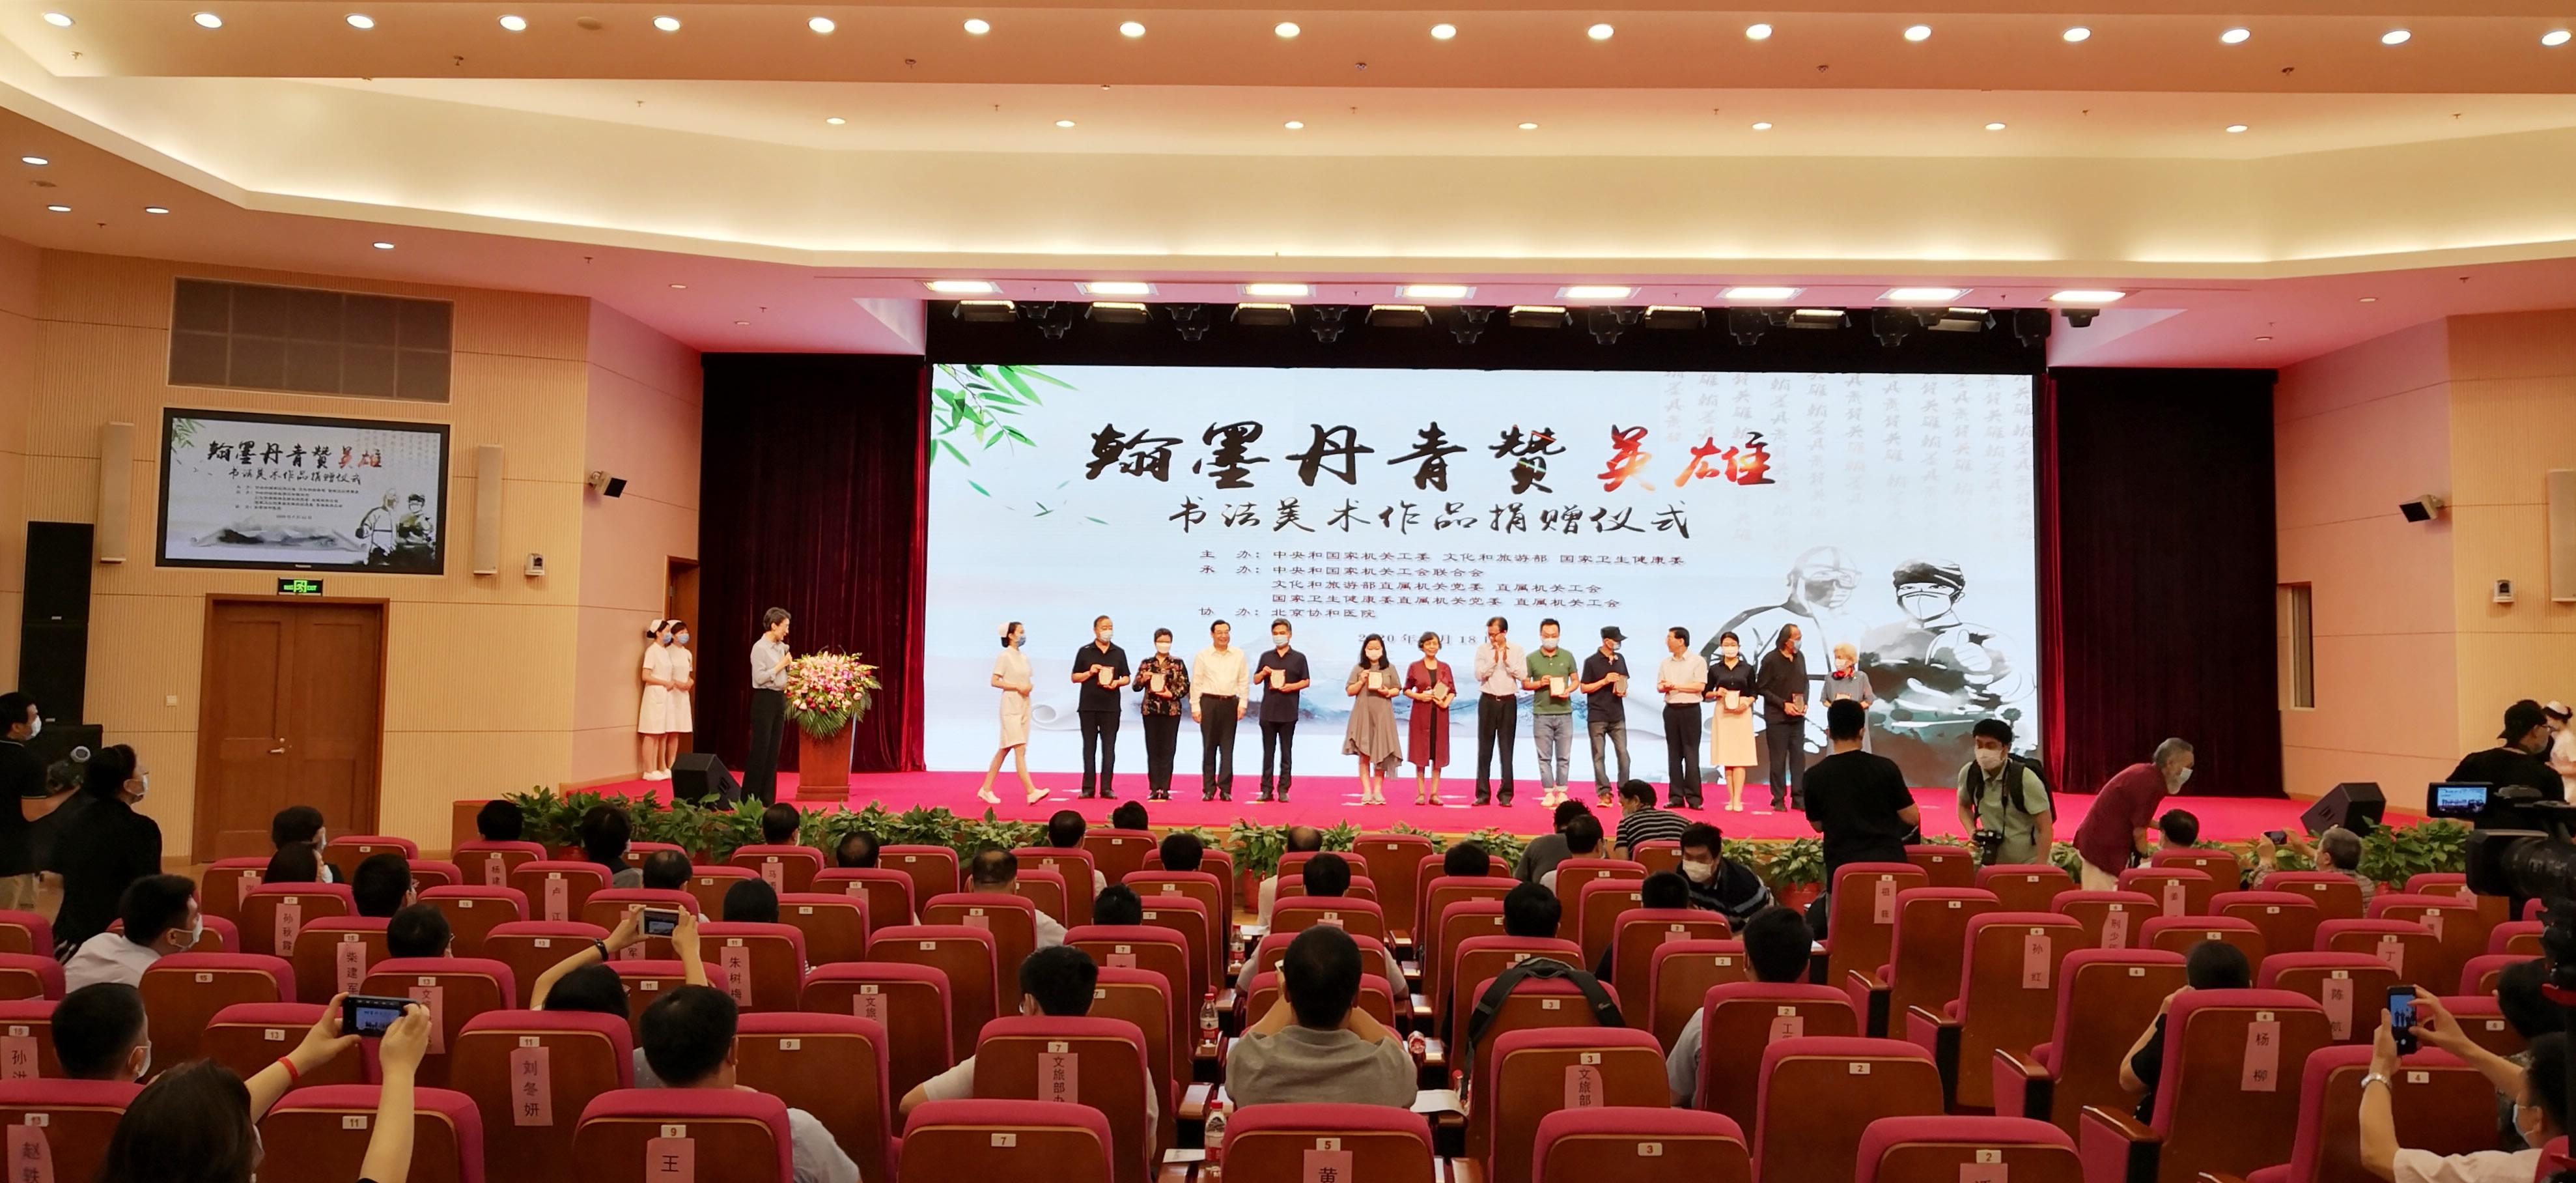 """""""翰墨丹青赞英雄""""书法美术作品捐赠仪式在京举行"""